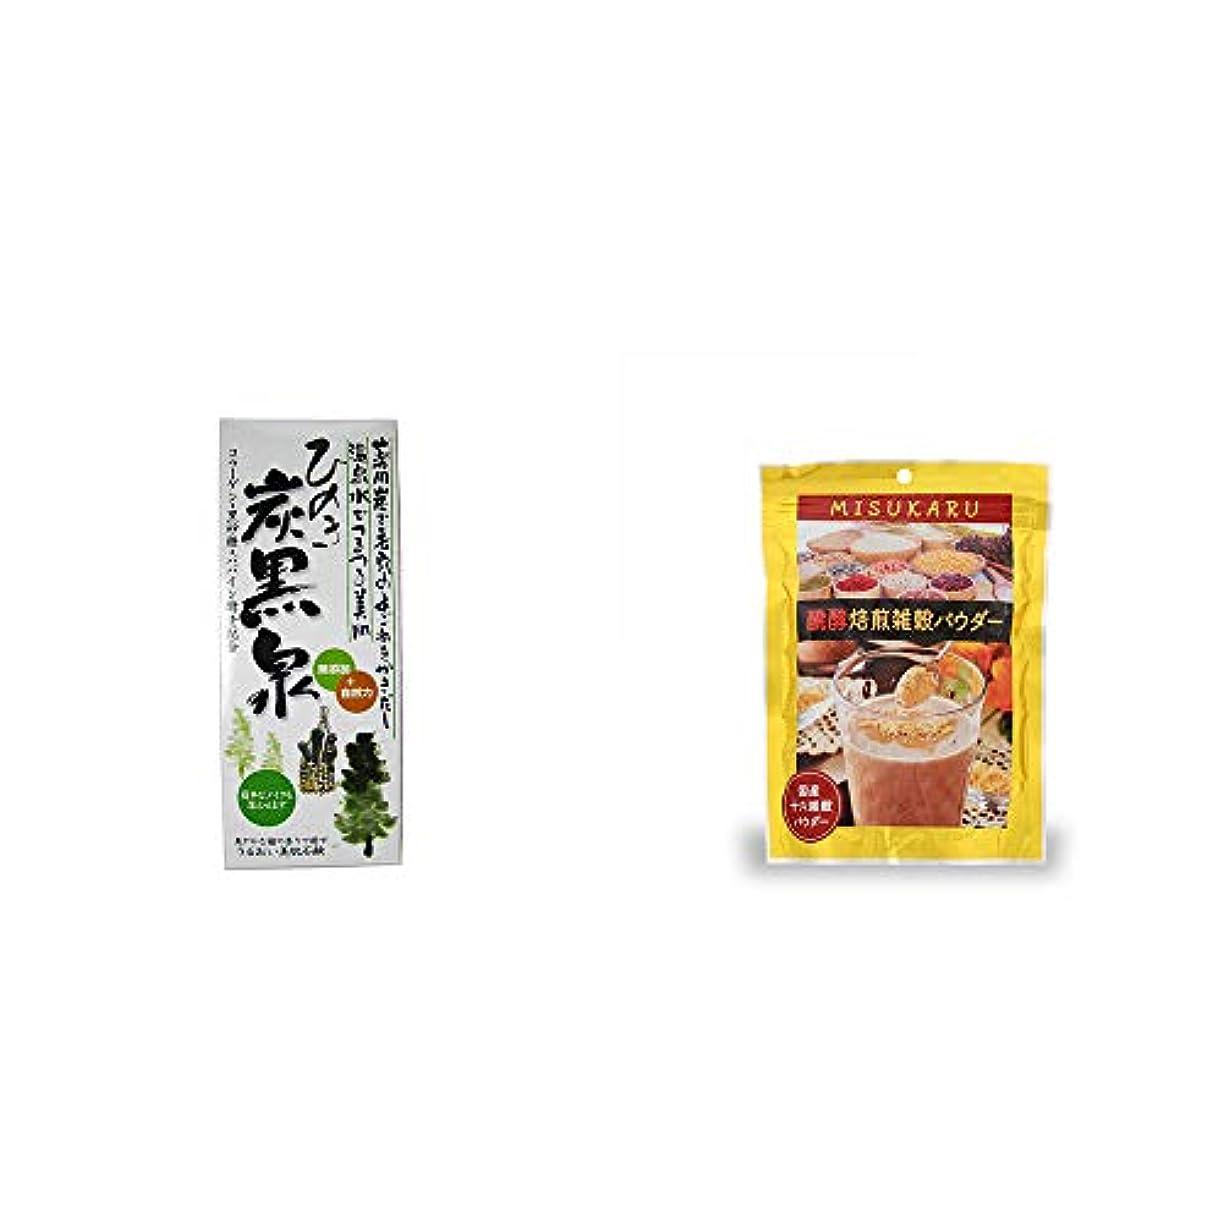 狂乱それからかりて[2点セット] ひのき炭黒泉 箱入り(75g×3)?醗酵焙煎雑穀パウダー MISUKARU(ミスカル)(200g)